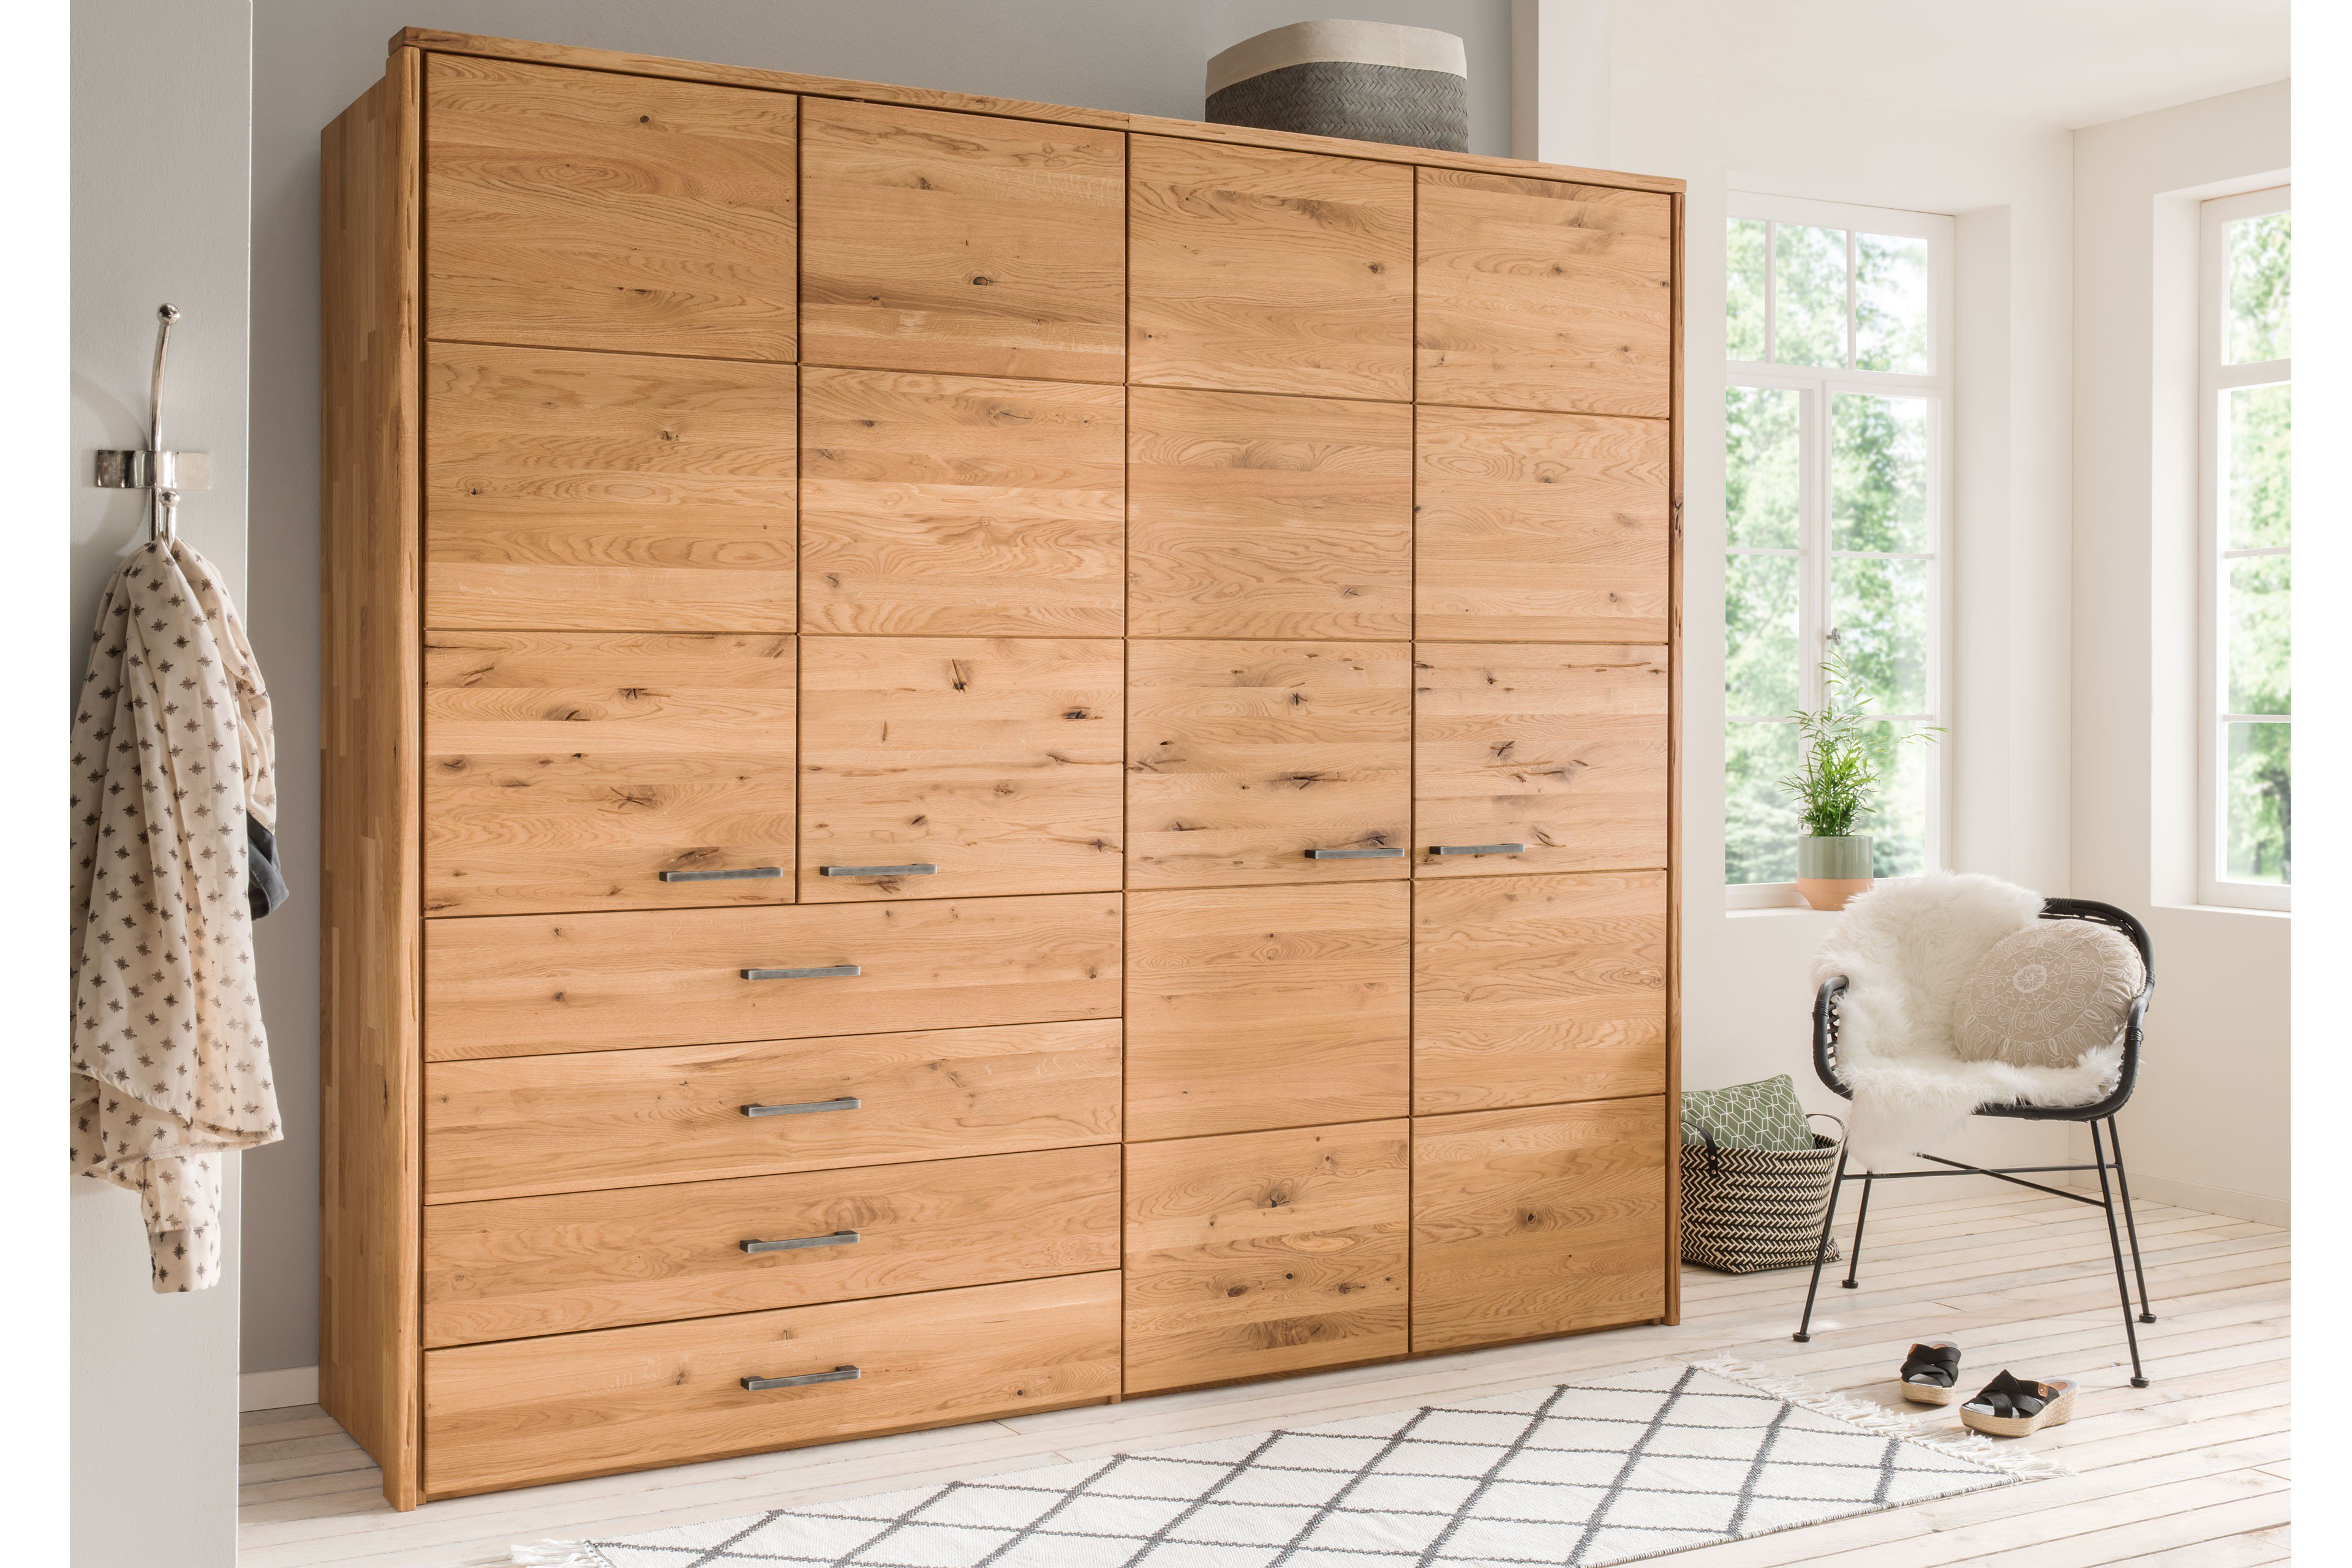 schrank echtholz elegant gradel volare schrank wildeiche echtholz furniert absetzung schiefer. Black Bedroom Furniture Sets. Home Design Ideas